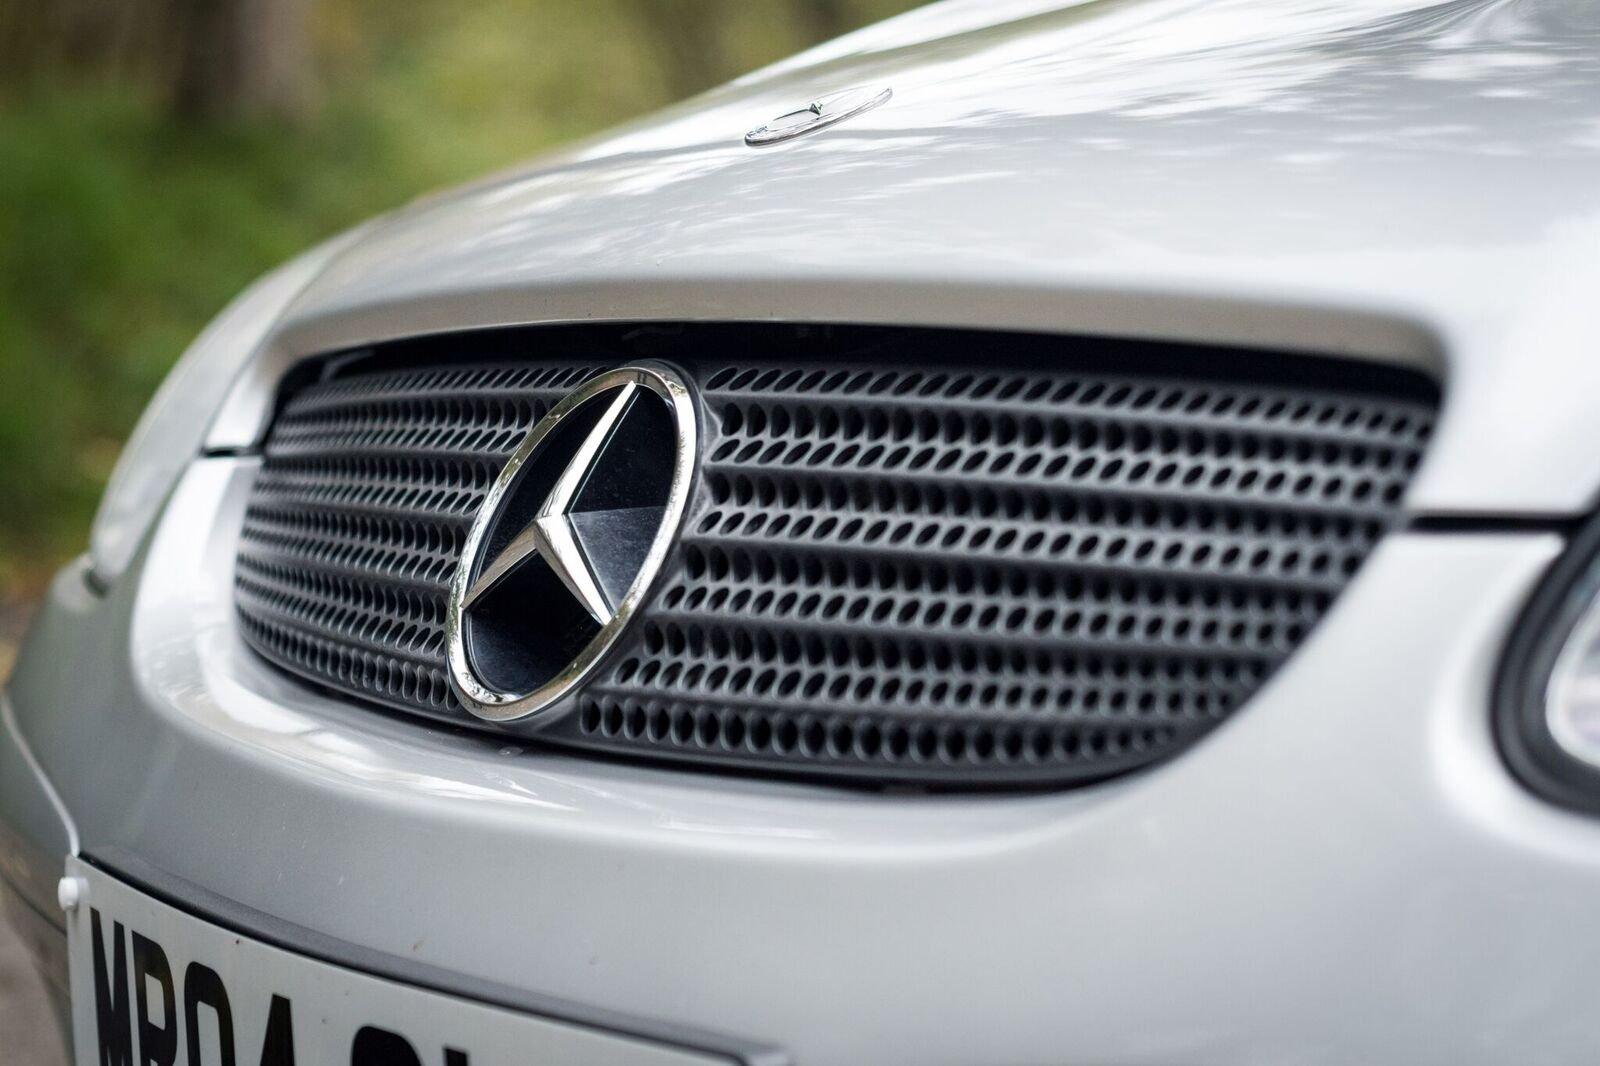 Mercedes SLK200 Kompressor Convertible   2004 For Sale (picture 3 of 6)